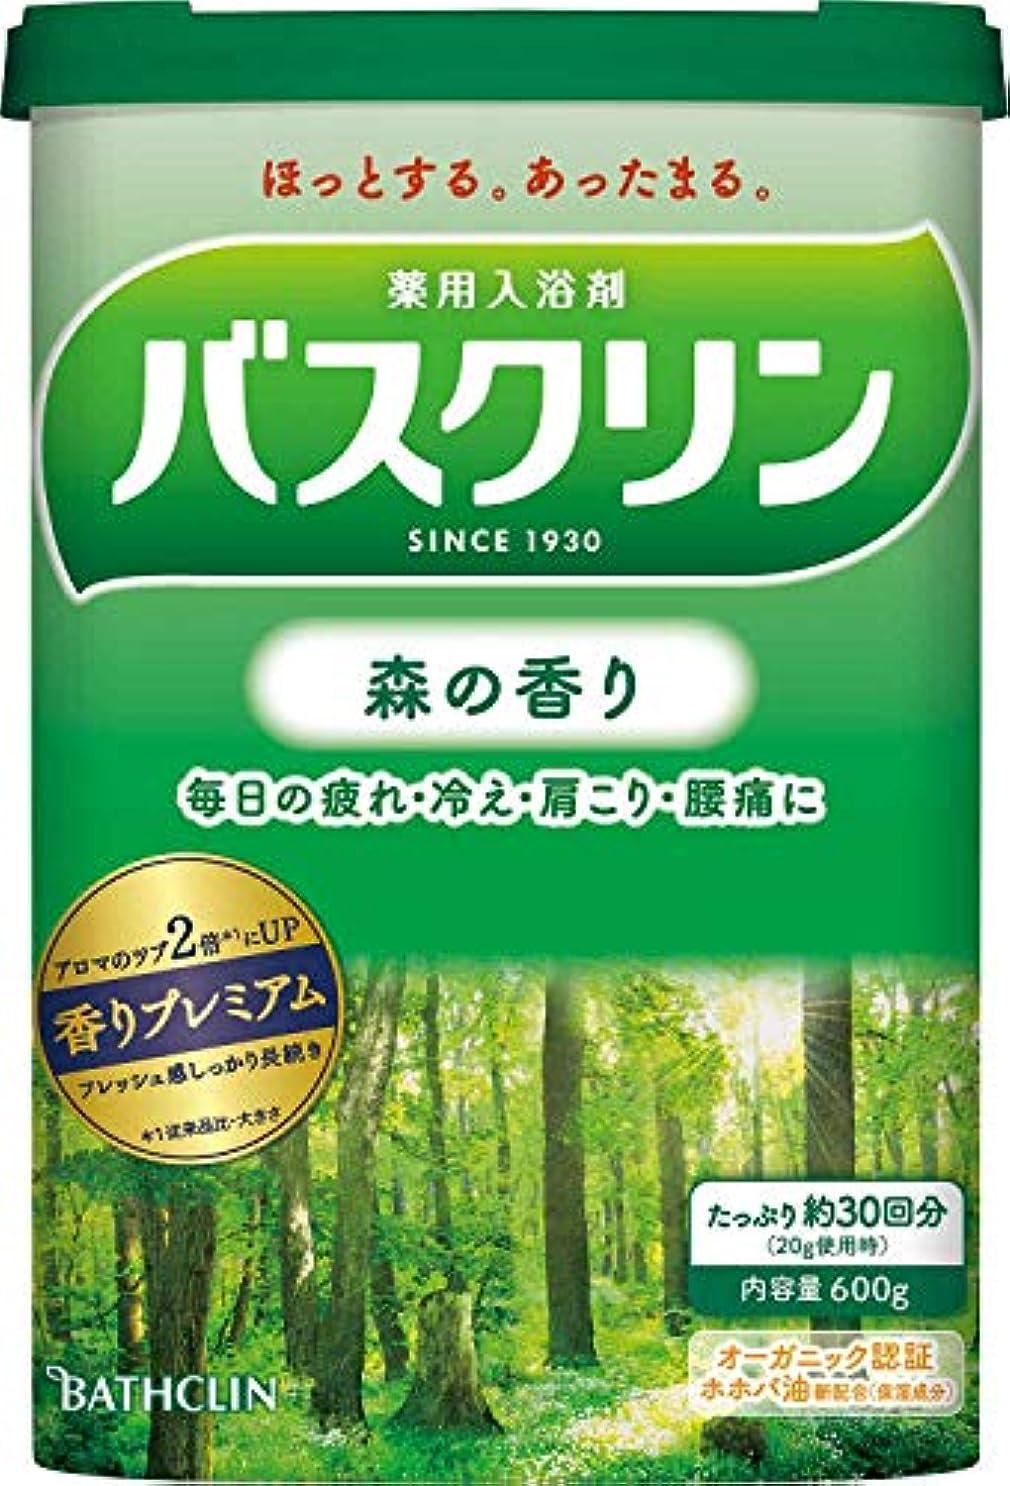 アルコールバース報復【医薬部外品】バスクリン入浴剤 森の香り600g入浴剤(約30回分) 疲労回復